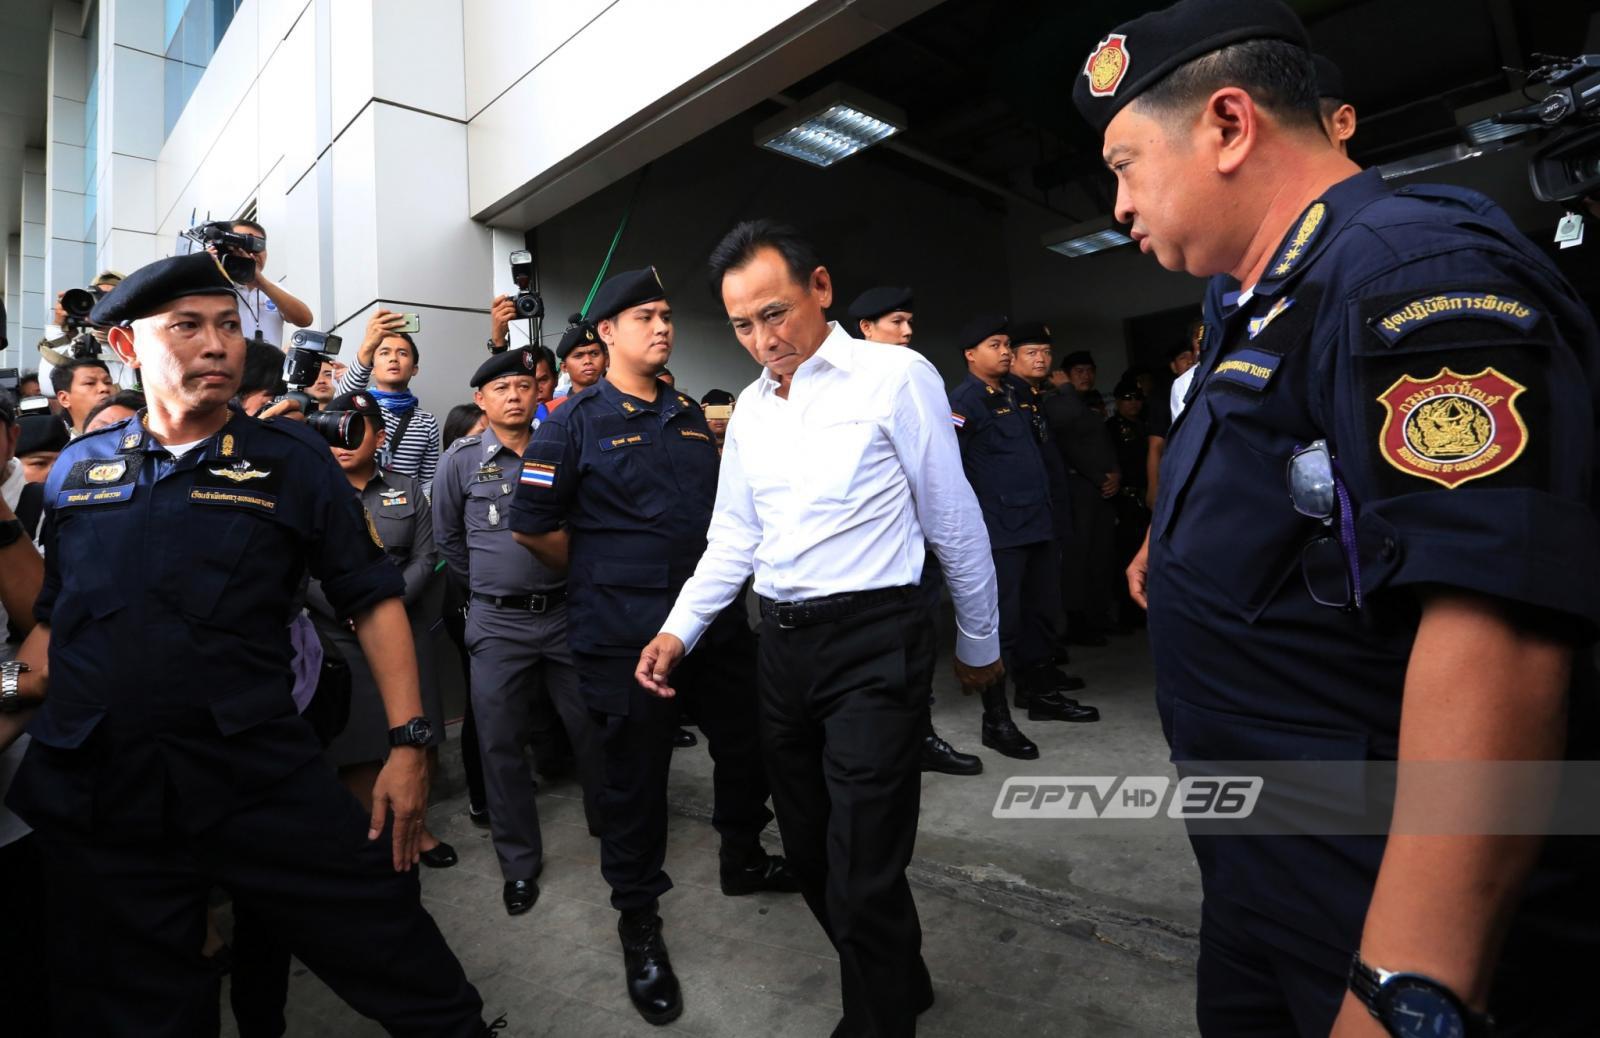 """อัยการเผย """"โกงขายข้าวจีทูจี"""" เป็นคดีแรก ศาลสั่งเอกชนร่วมใช้ค่าเสียหาย"""